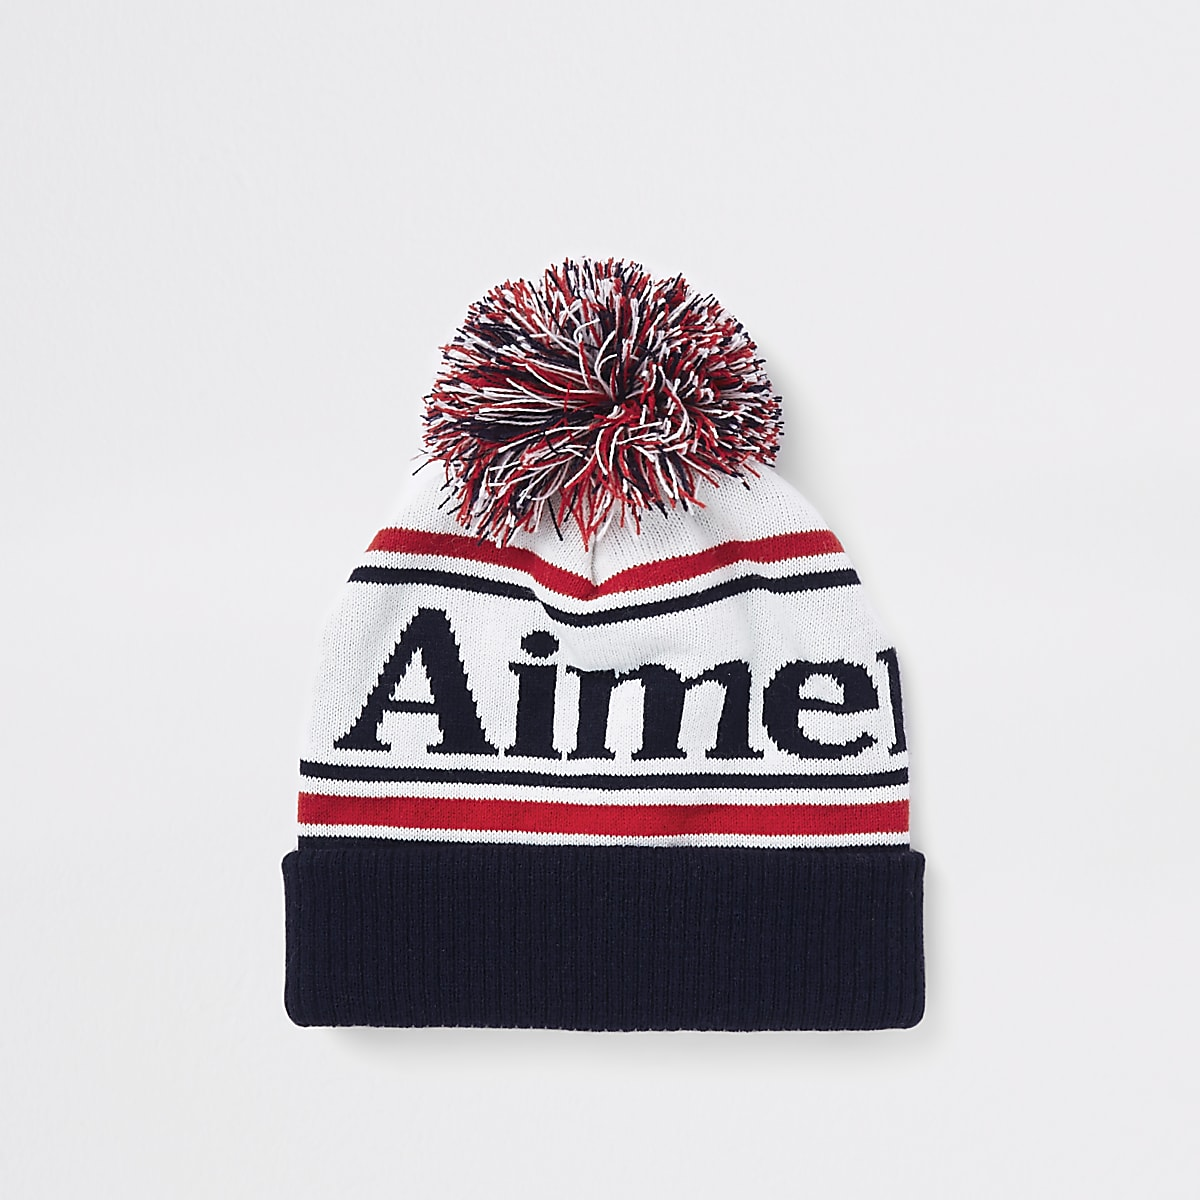 92fe6c55933d White 'aimer la vie' bobble beanie hat - Hats / Caps - Accessories - men